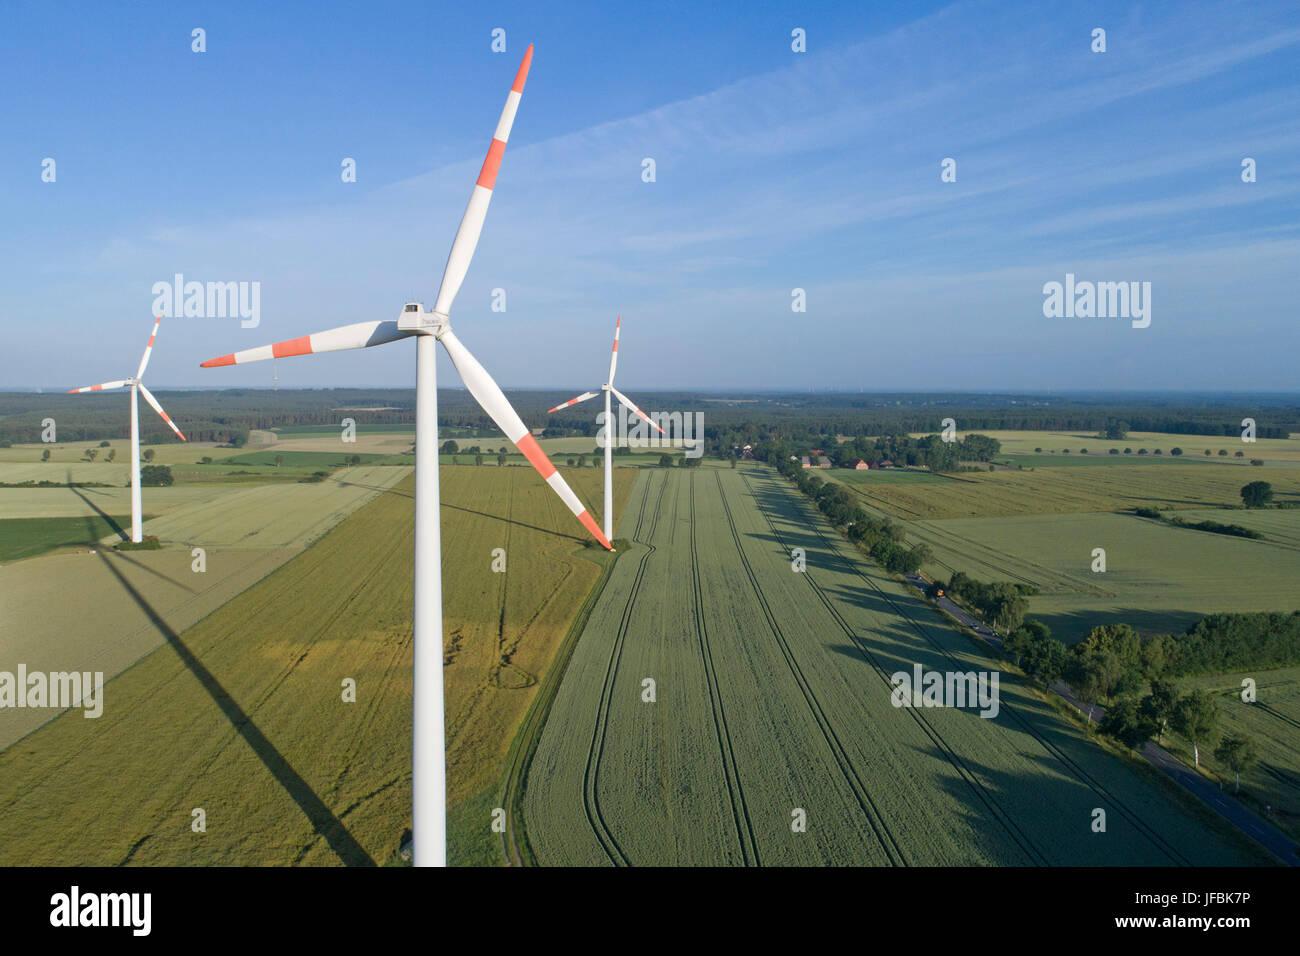 Windkraftanlagen in der Nähe von Suelbeck, Niedersachsen, Deutschland Stockbild